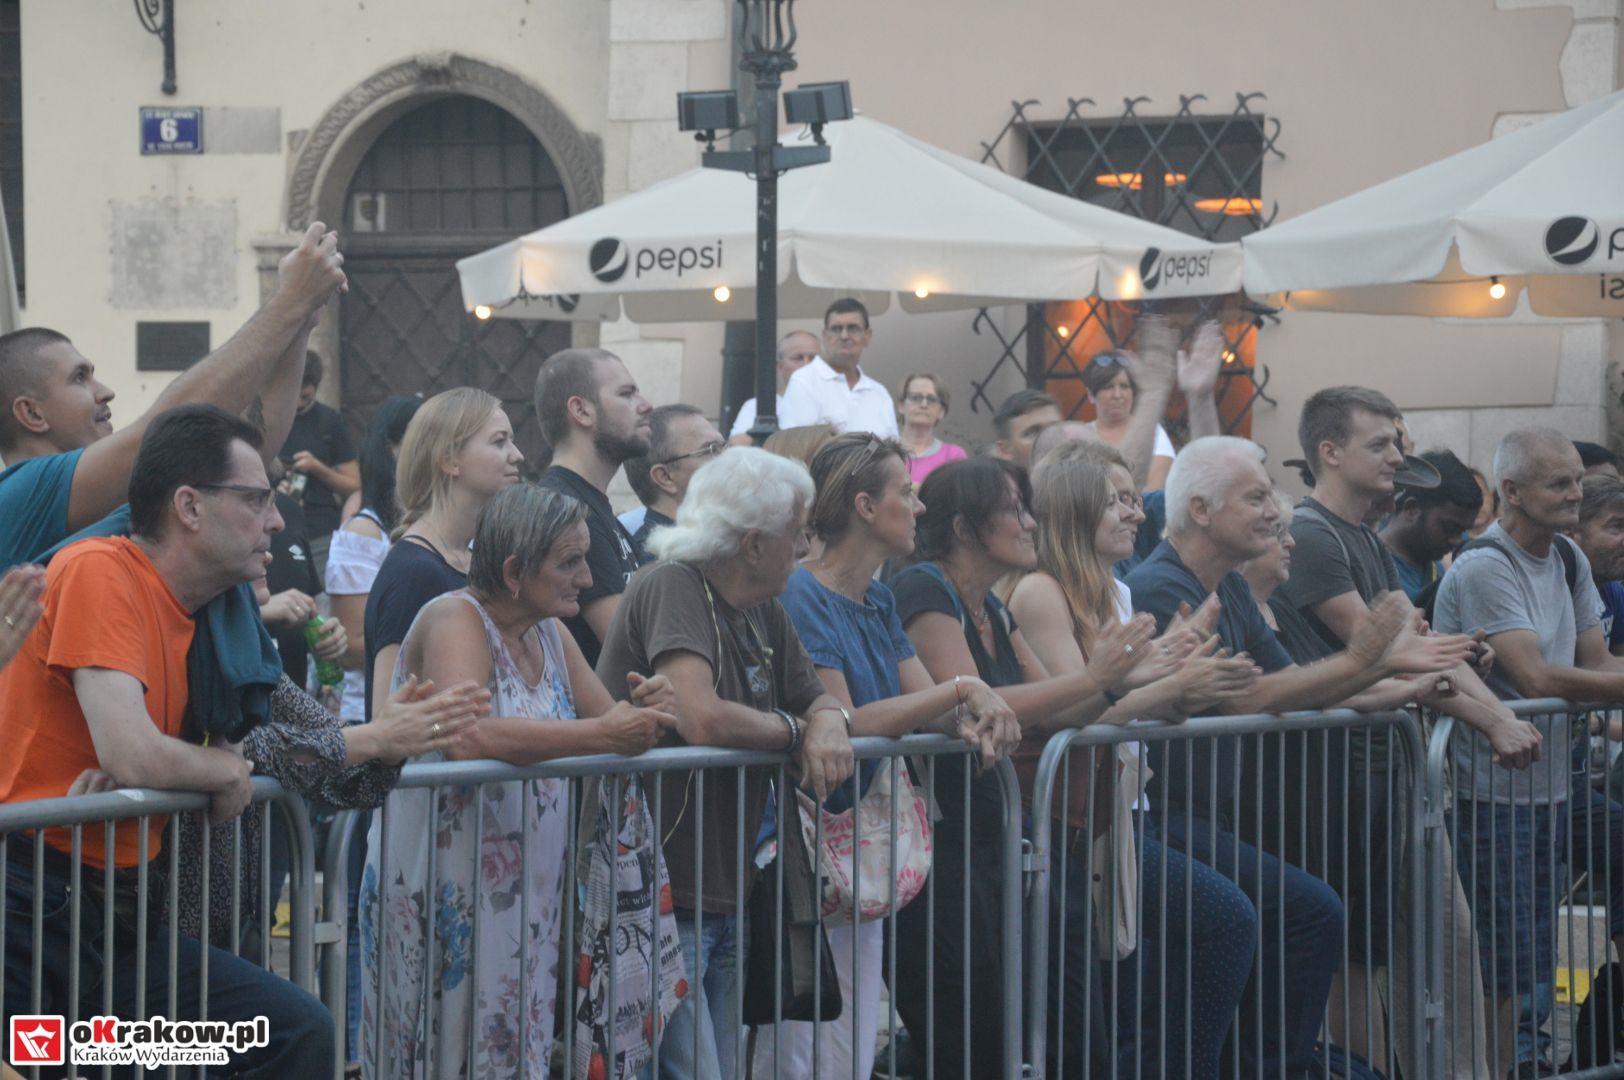 krakow festiwal pierogow maly rynek koncert cheap tobacco 175 150x150 - Galeria zdjęć Festiwal Pierogów Kraków 2018 + zdjęcia z koncertu Cheap Tobacco